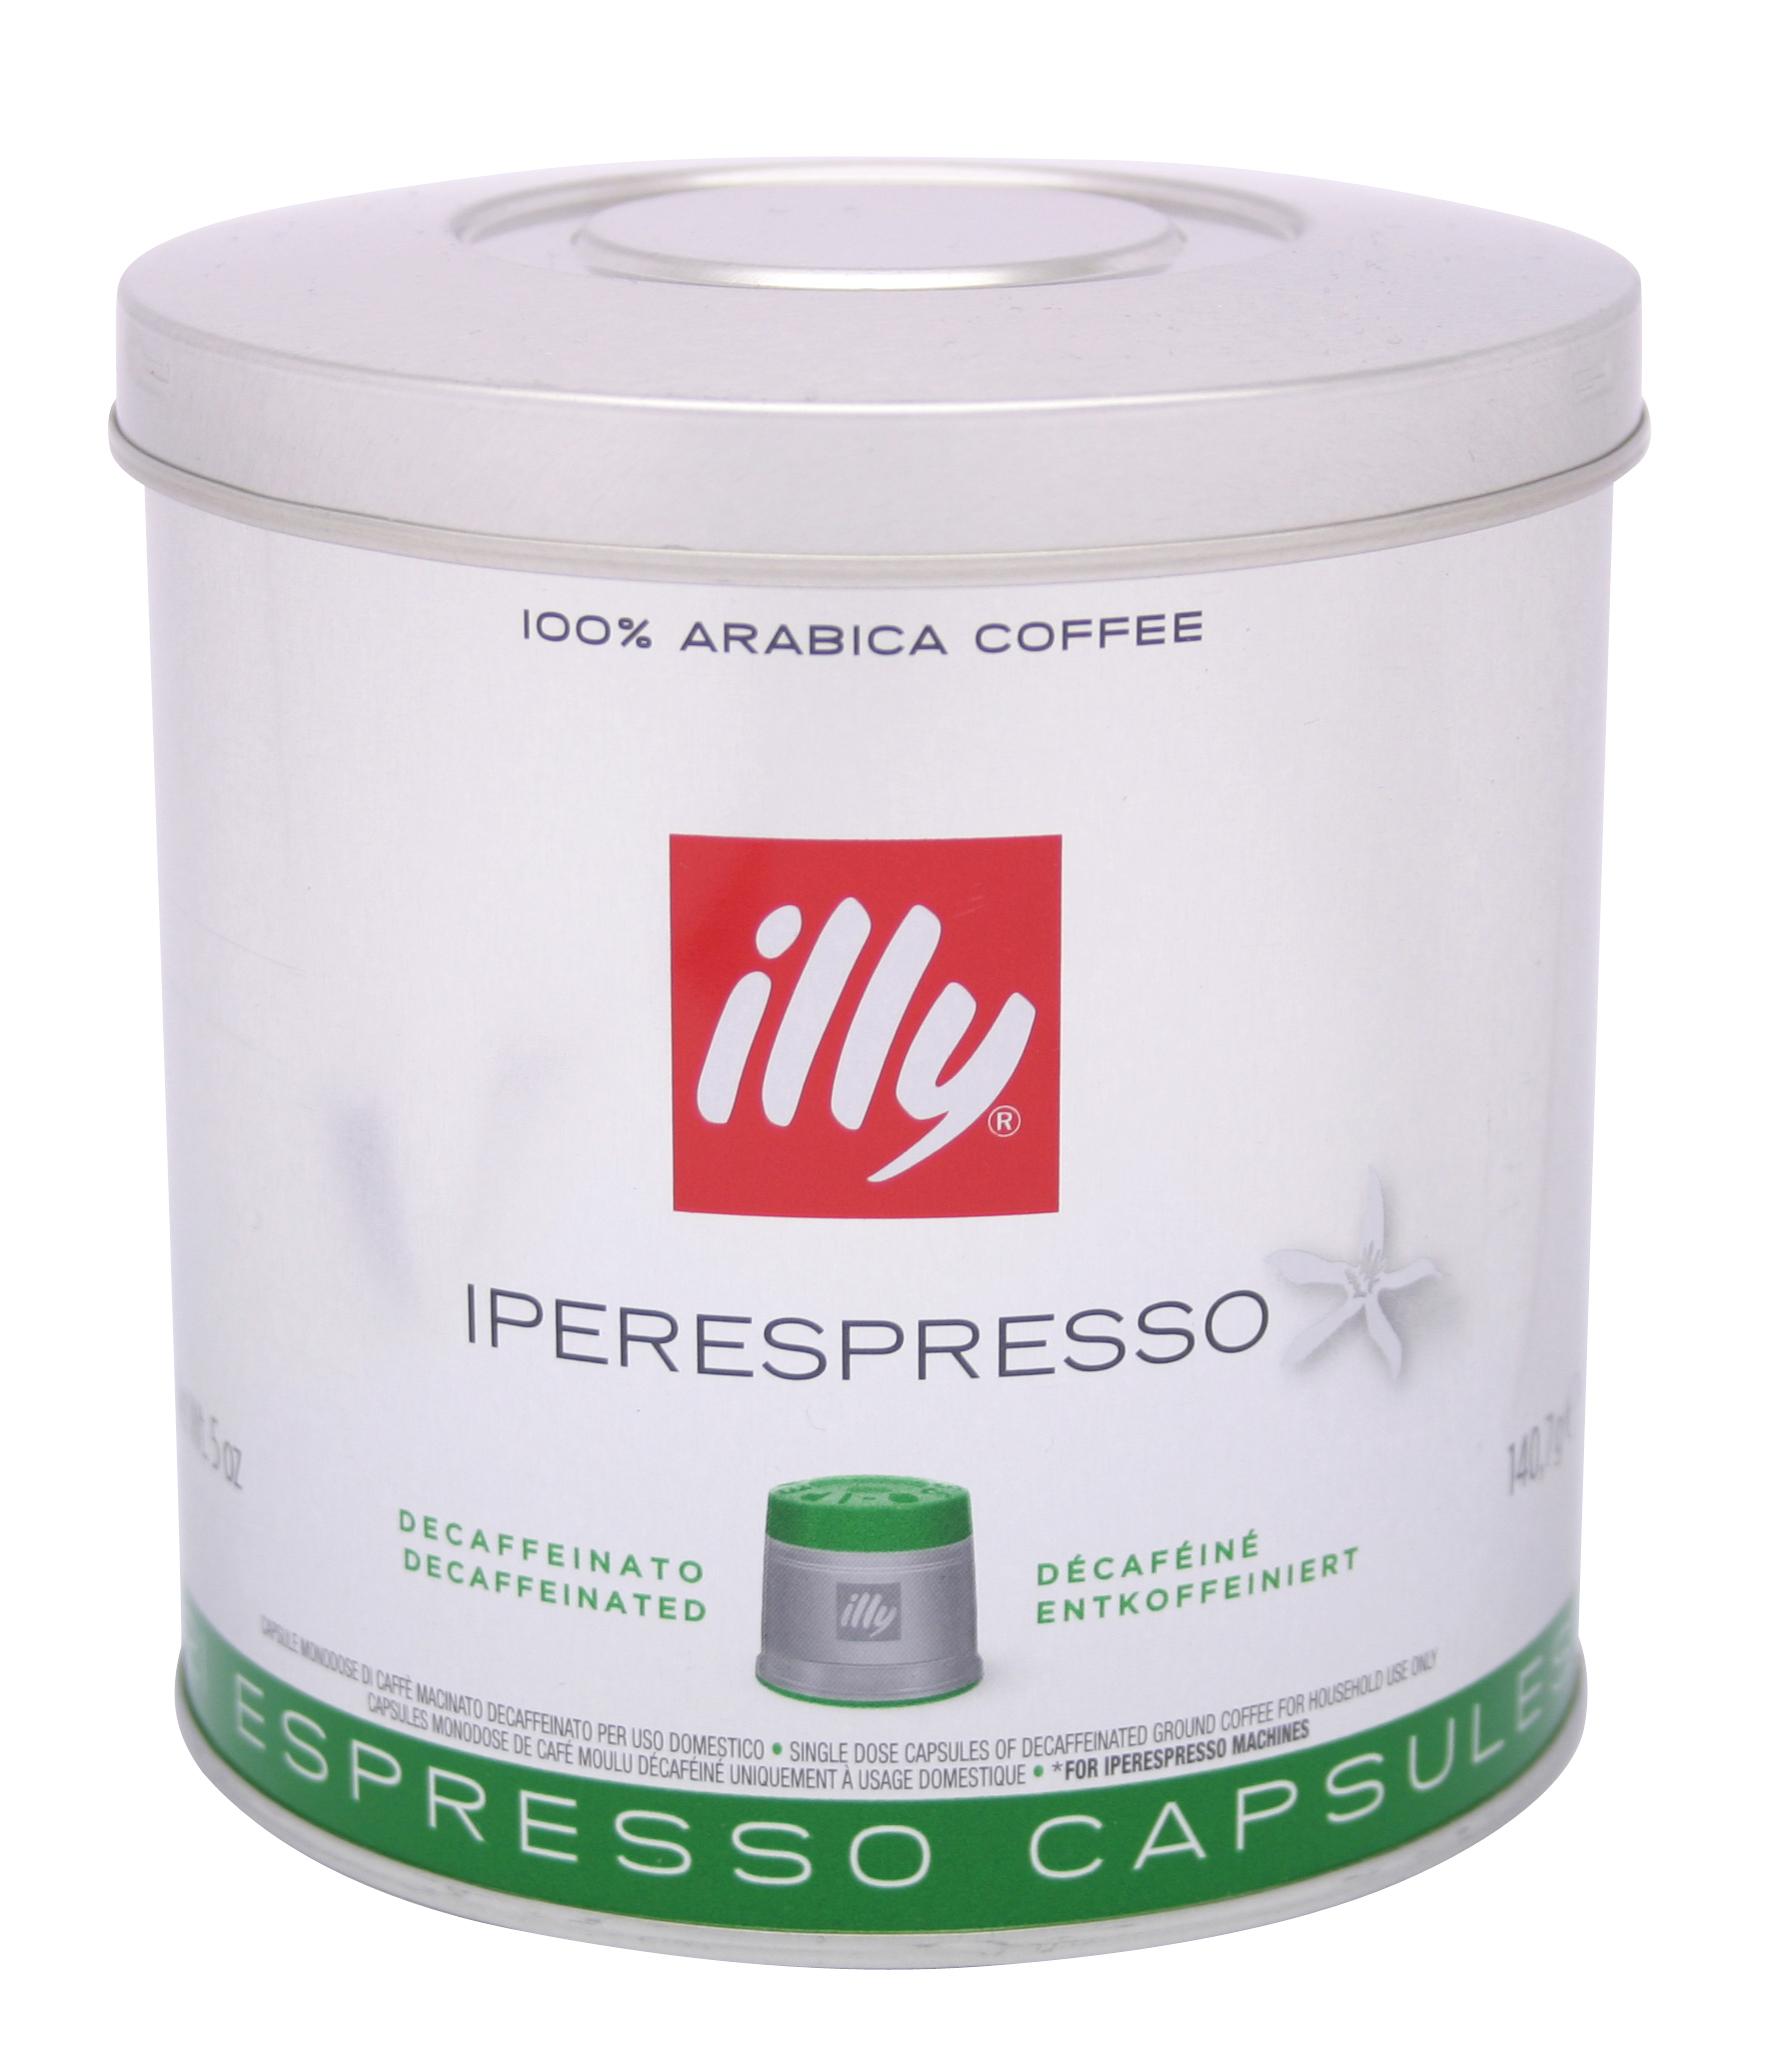 illy decaffeinated kapseln2